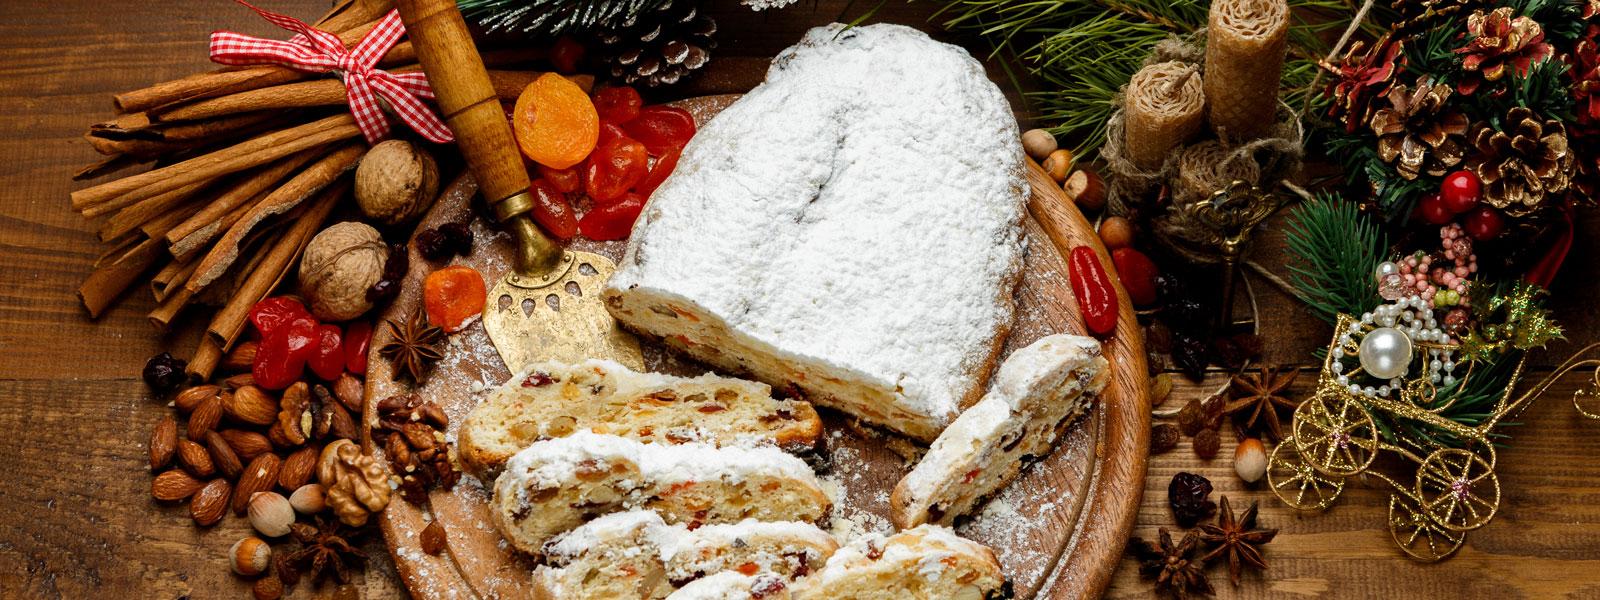 Gemütlicher Teenachmittag mit Stollen, Weihnachten, Regina Maris, Norden-Norddeich, Ostfriesland